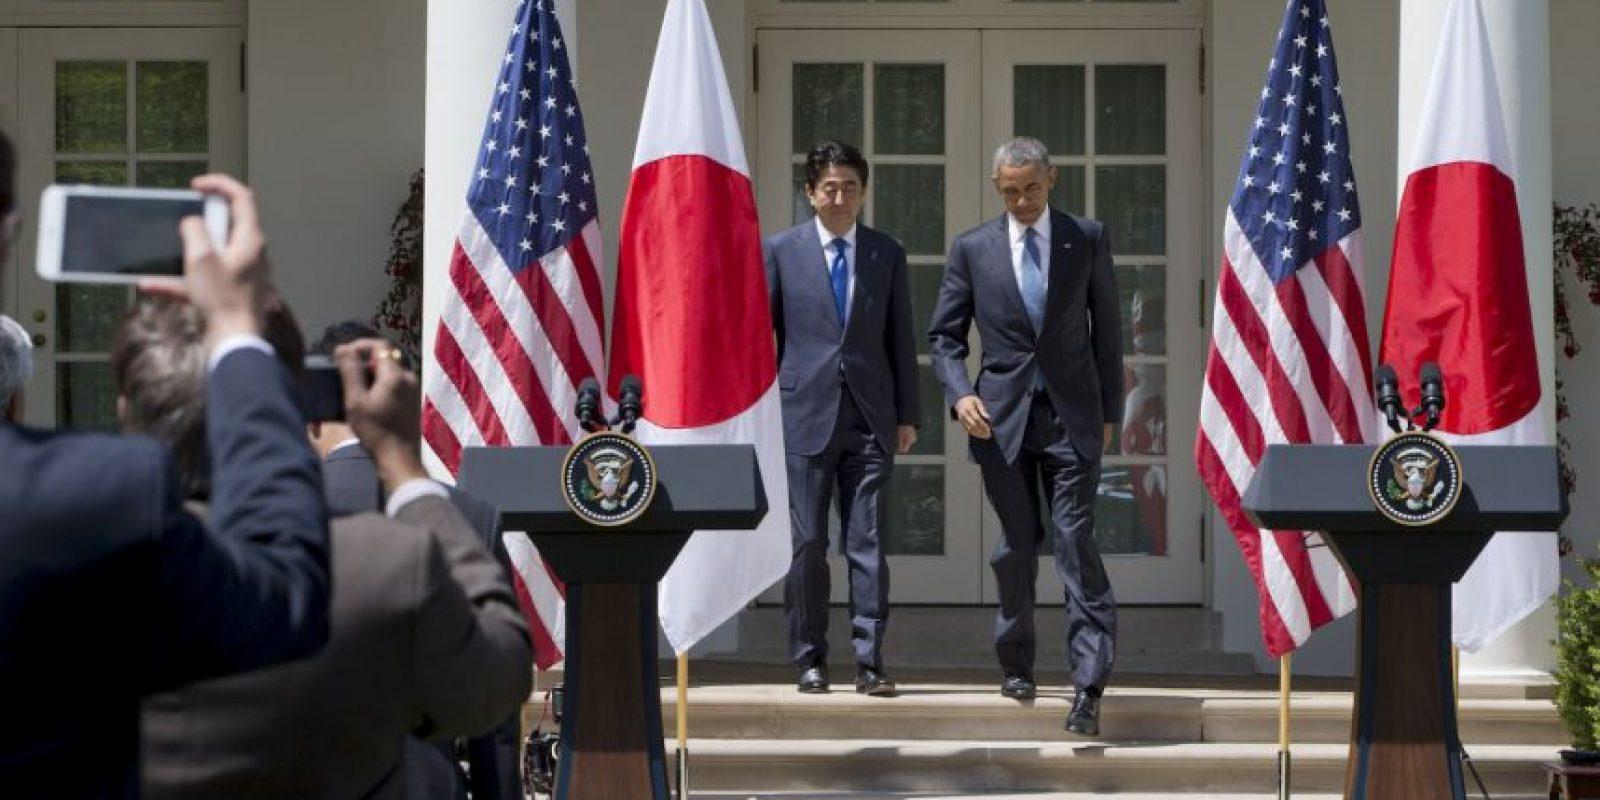 Por otra parte, también en conferencia de prensa el presidente Barack Obama, recibió hoy con honores militares en la Casa Blanca al primer ministro japonés, Shinzo Abe, quien realiza una visita de Estado al país y será agasajado esta noche con un cena de gala. Foto:AP